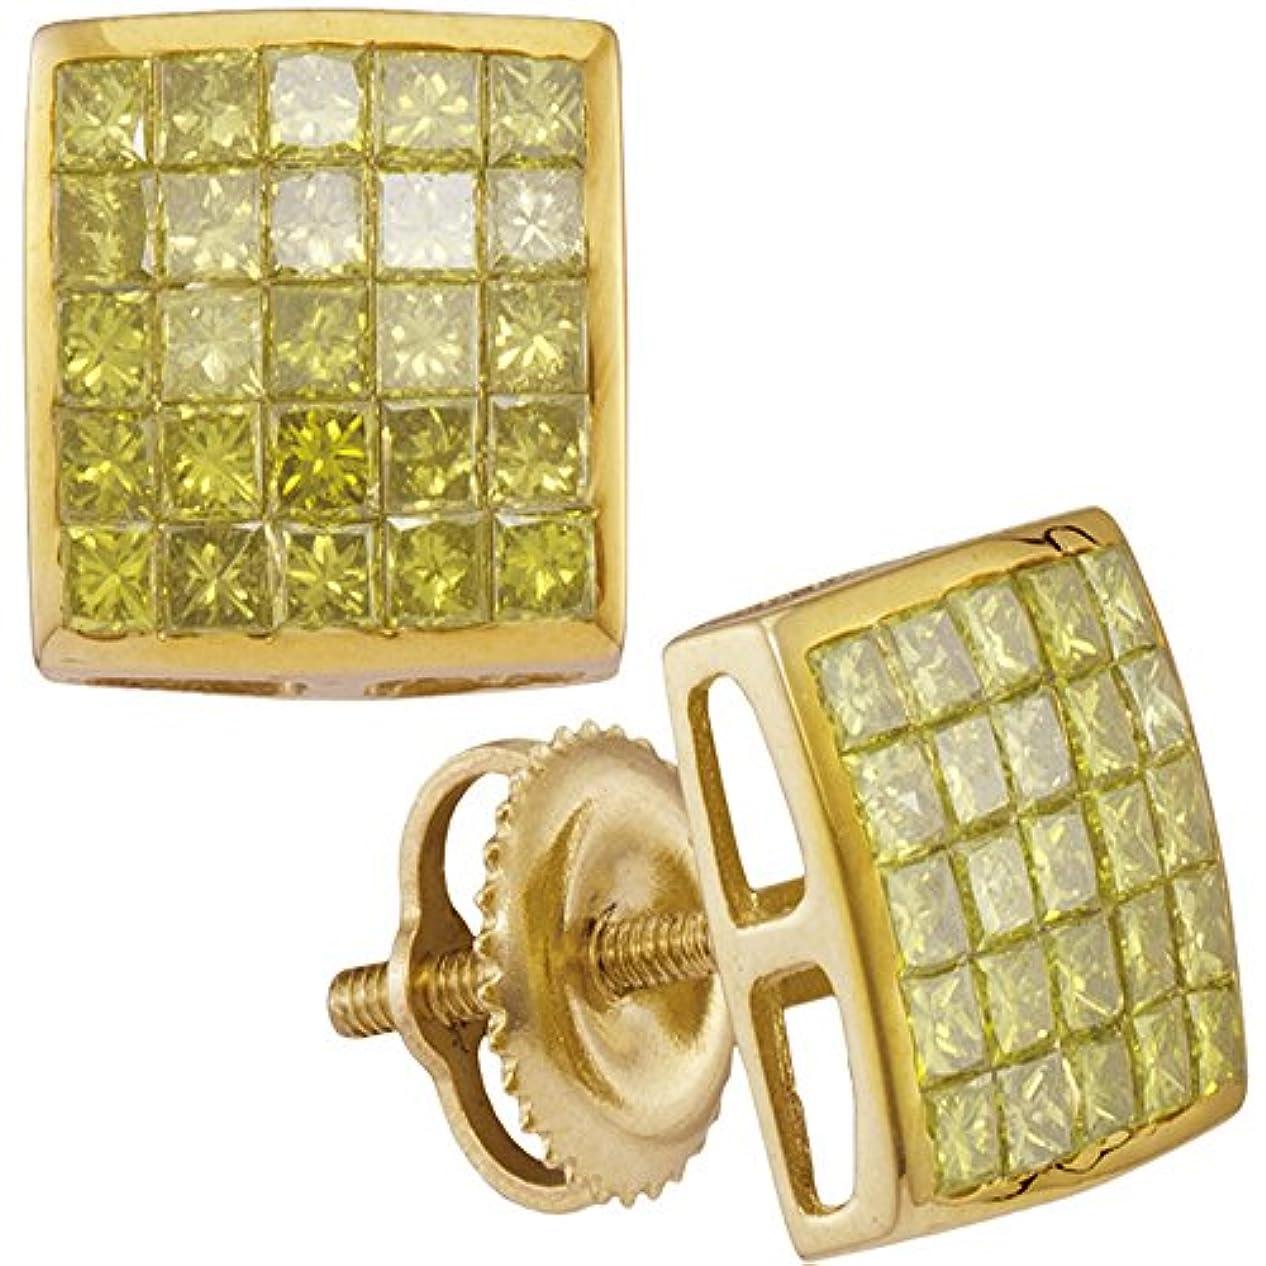 バー樫の木平方10 KTイエローゴールドメンズプリンセスイエローカラーEnhancedダイヤモンド正方形クラスタイヤリング1.00カラット